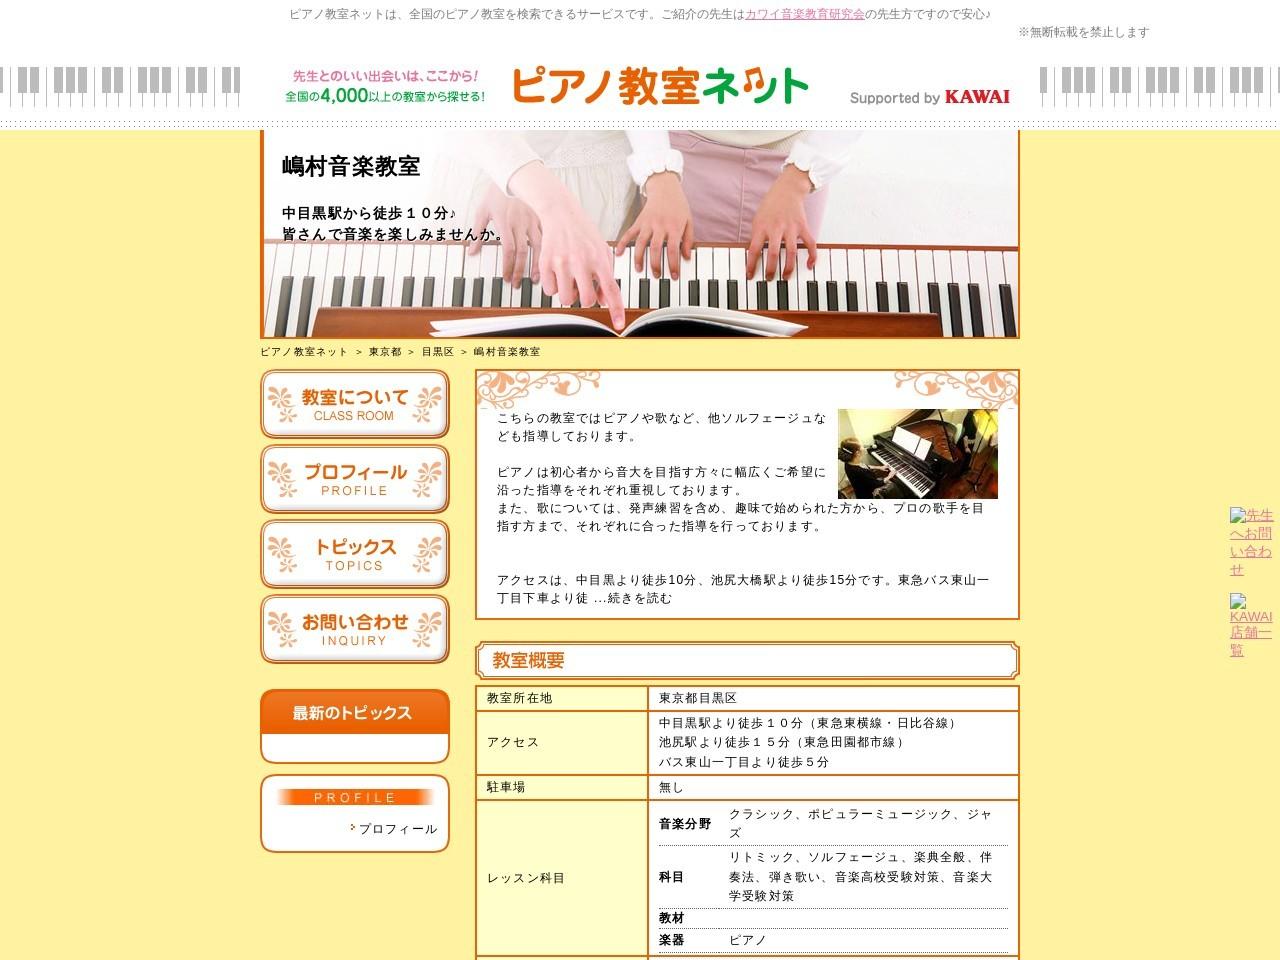 嶋村音楽教室のサムネイル